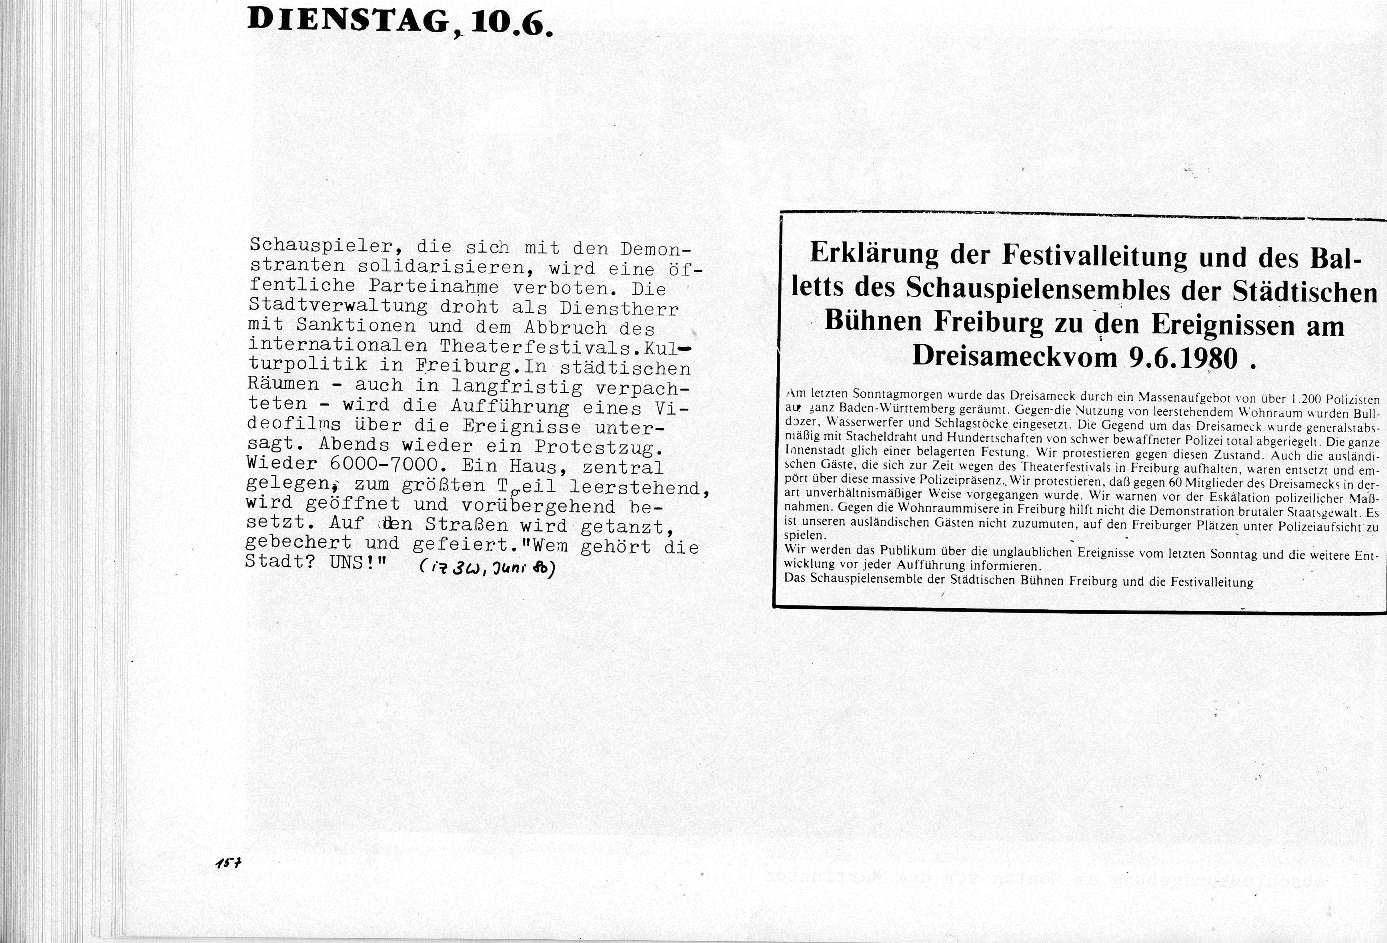 Freiburg_Hausbesetzung_01_Dreisameck_159